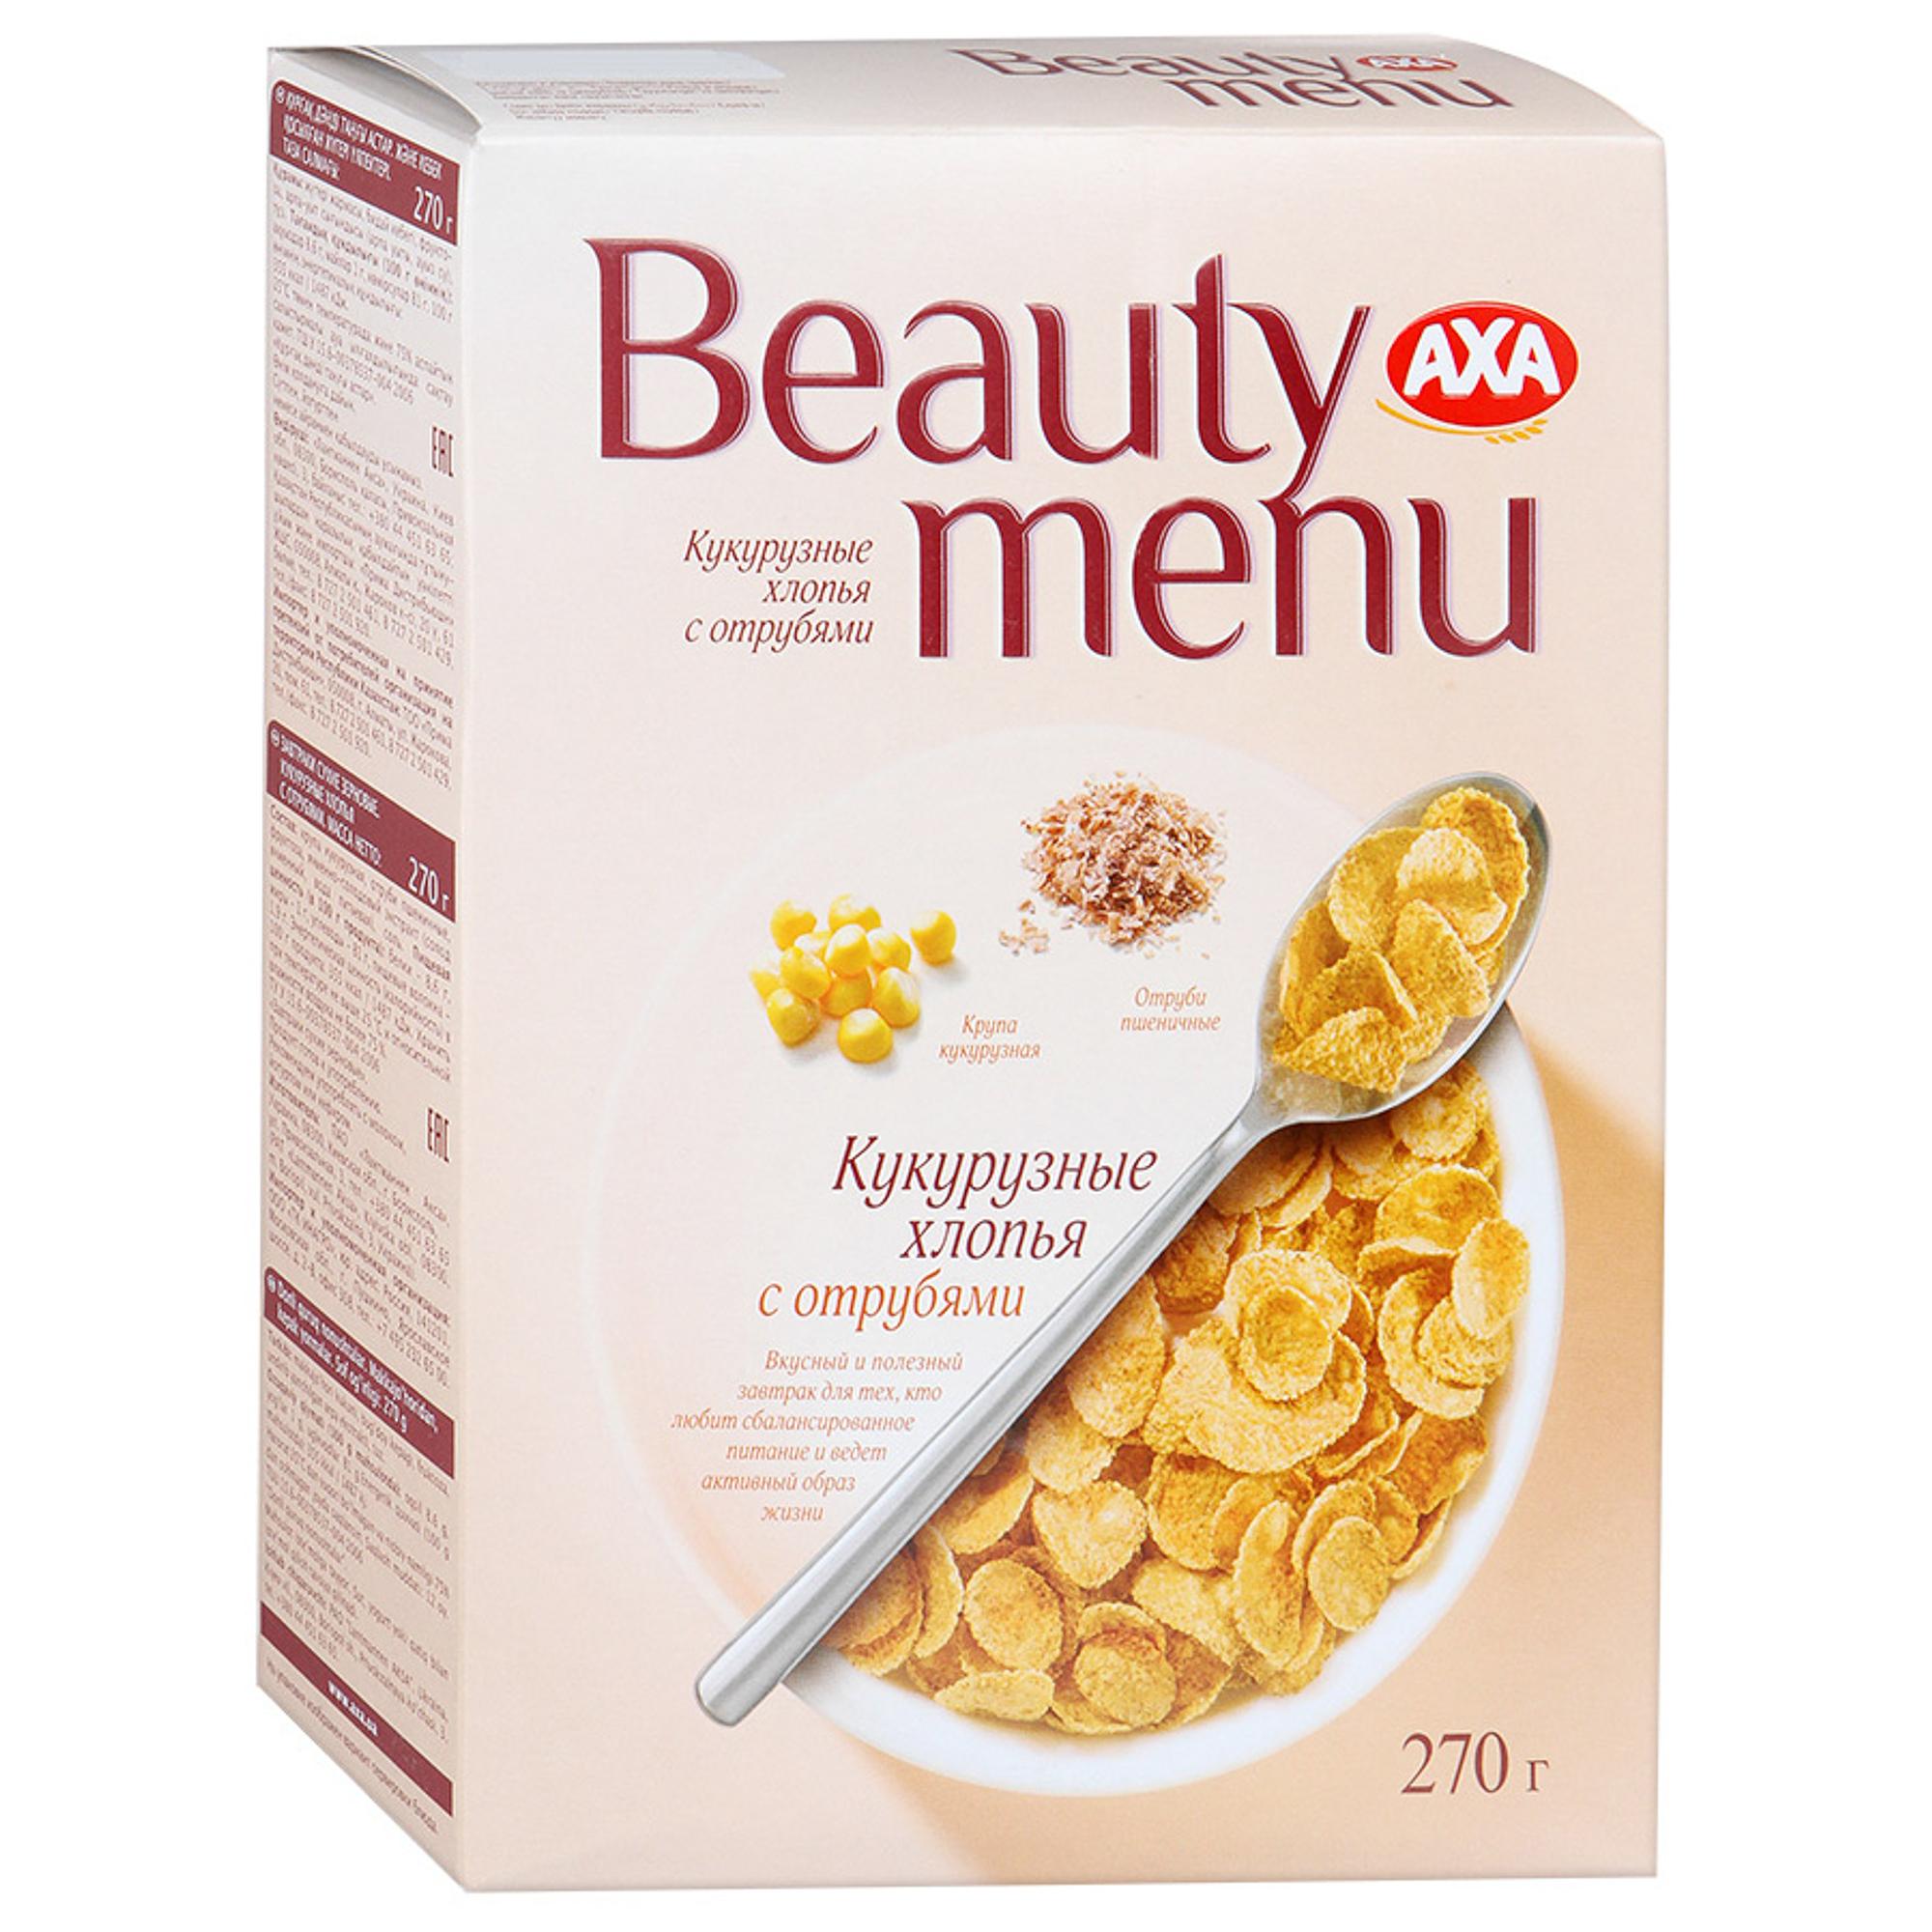 Фото - Хлопья AXA Beauty menu кукурузные с отрубями 270 г мюсли axa muesli crispy хрустящие медовые хлопья и шарики с тропическими фруктами коробка 270 г